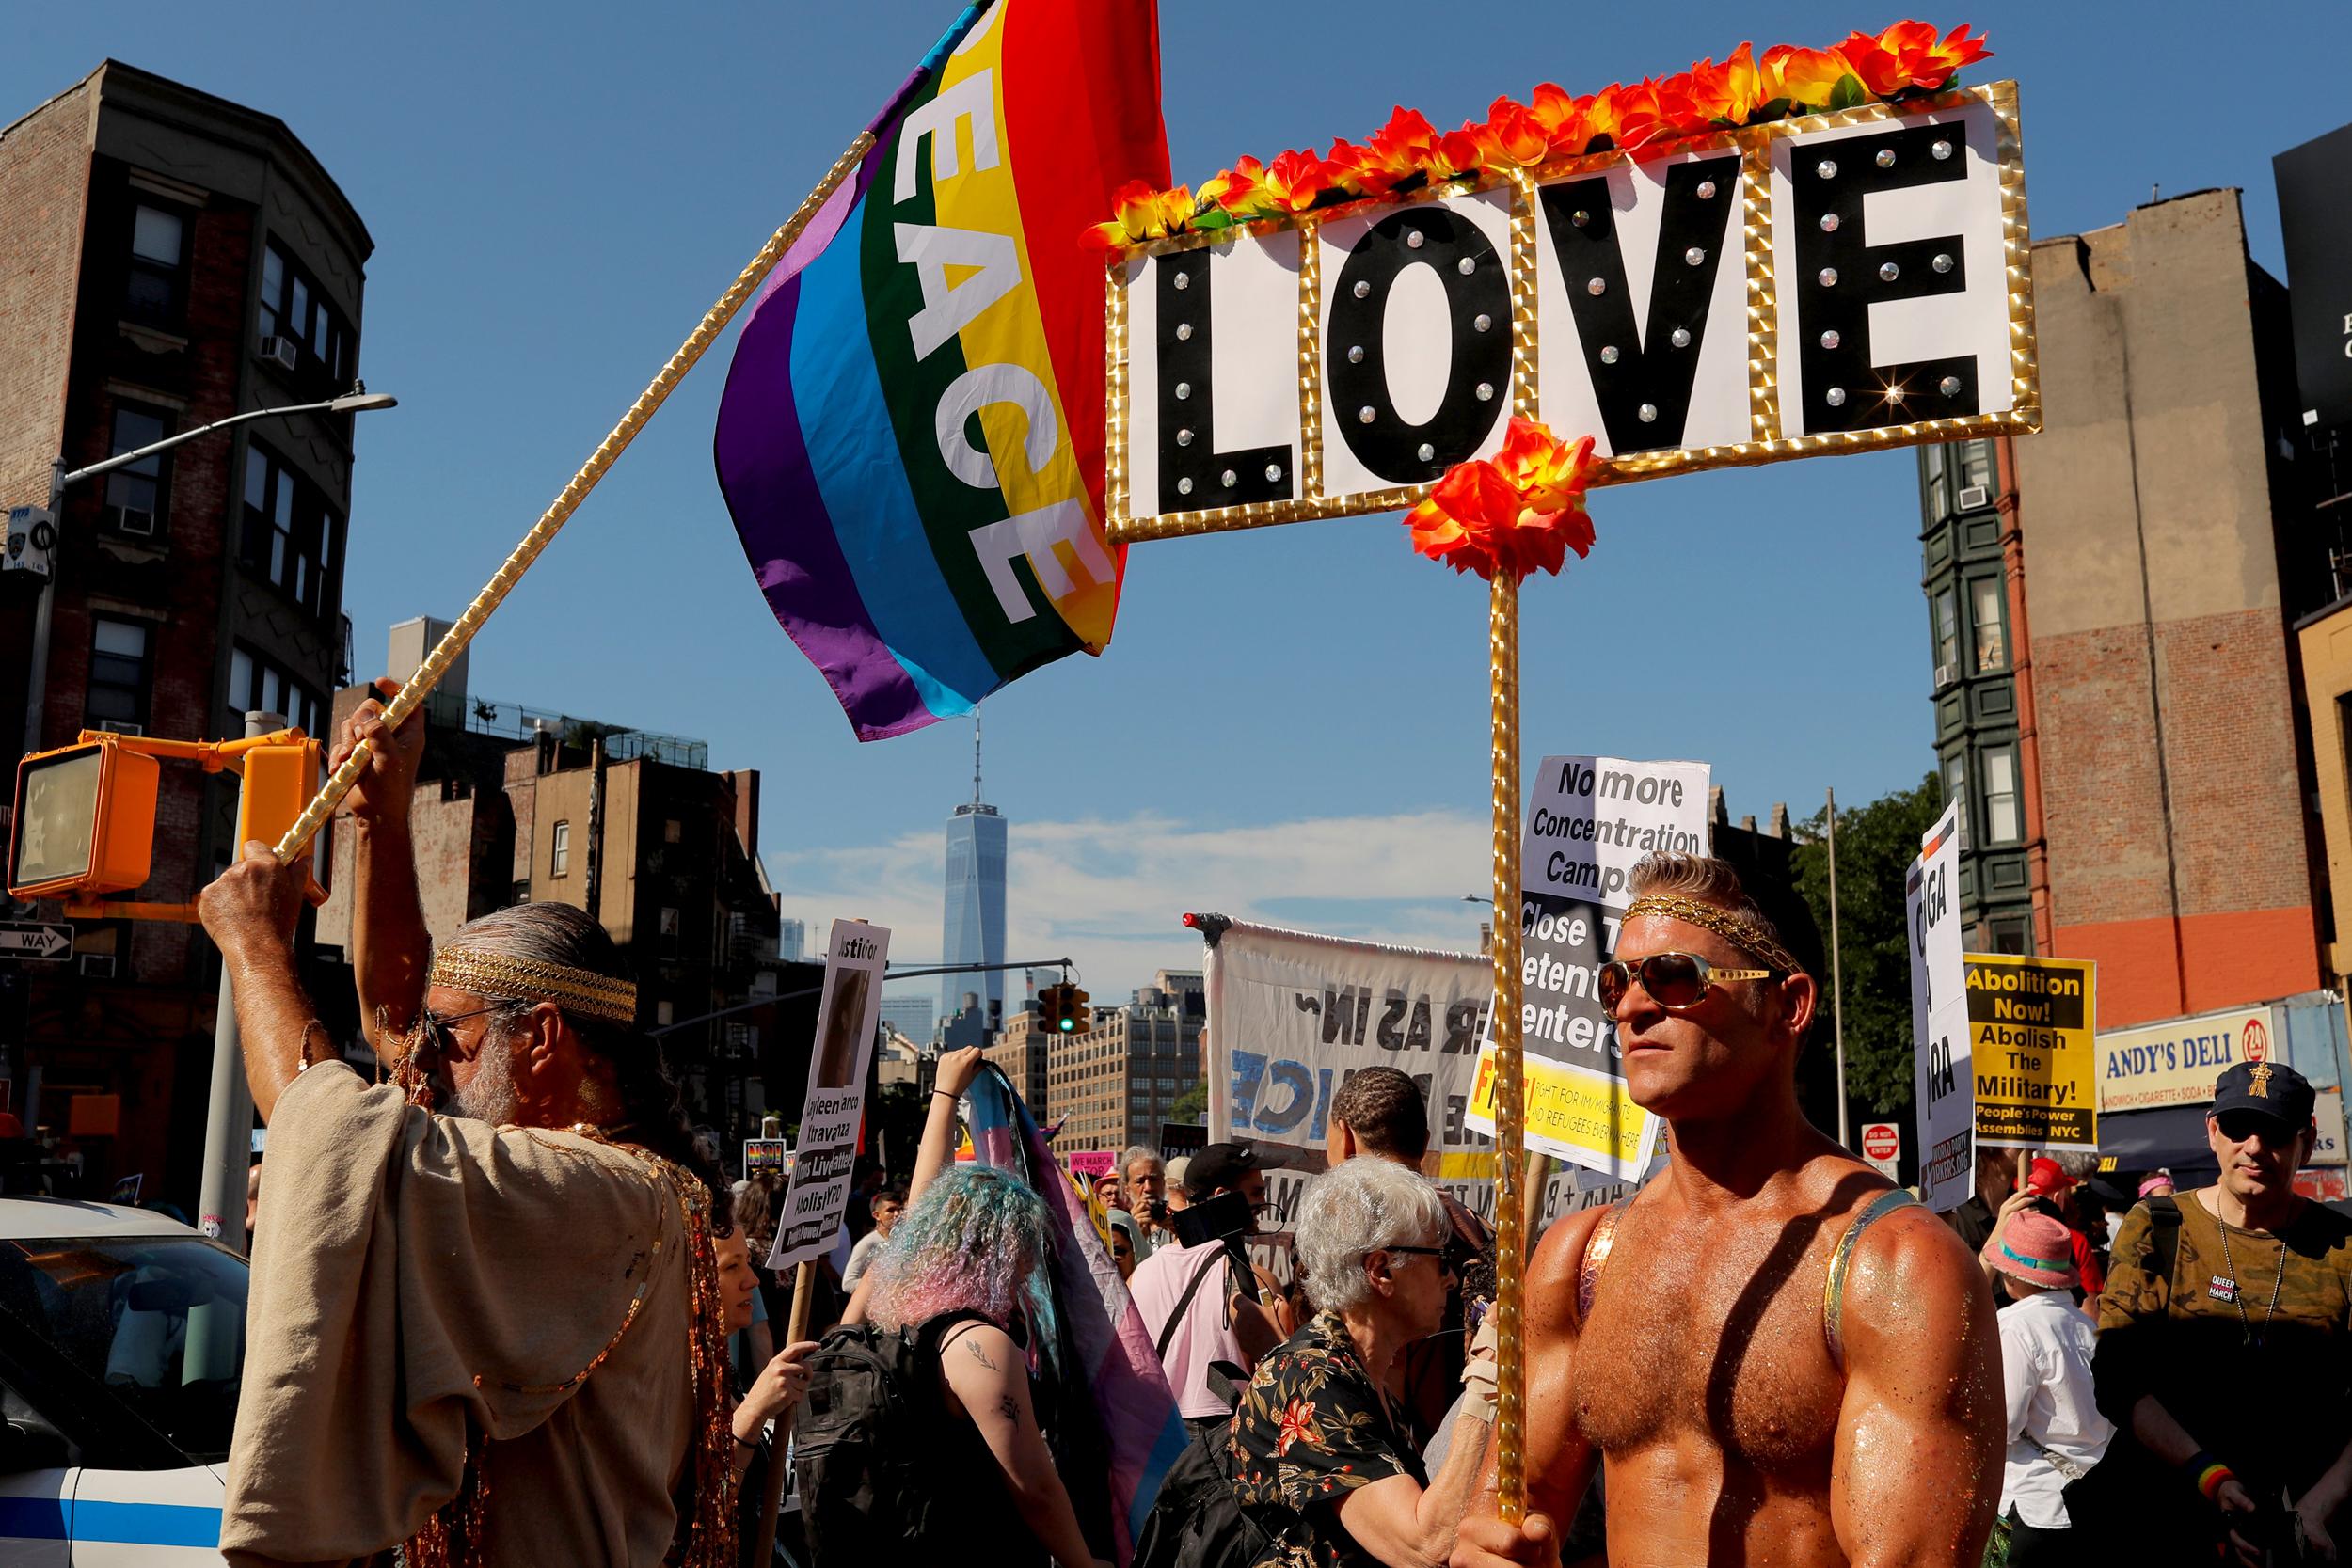 ss-190630-new-york-pride-parade-1_e66126